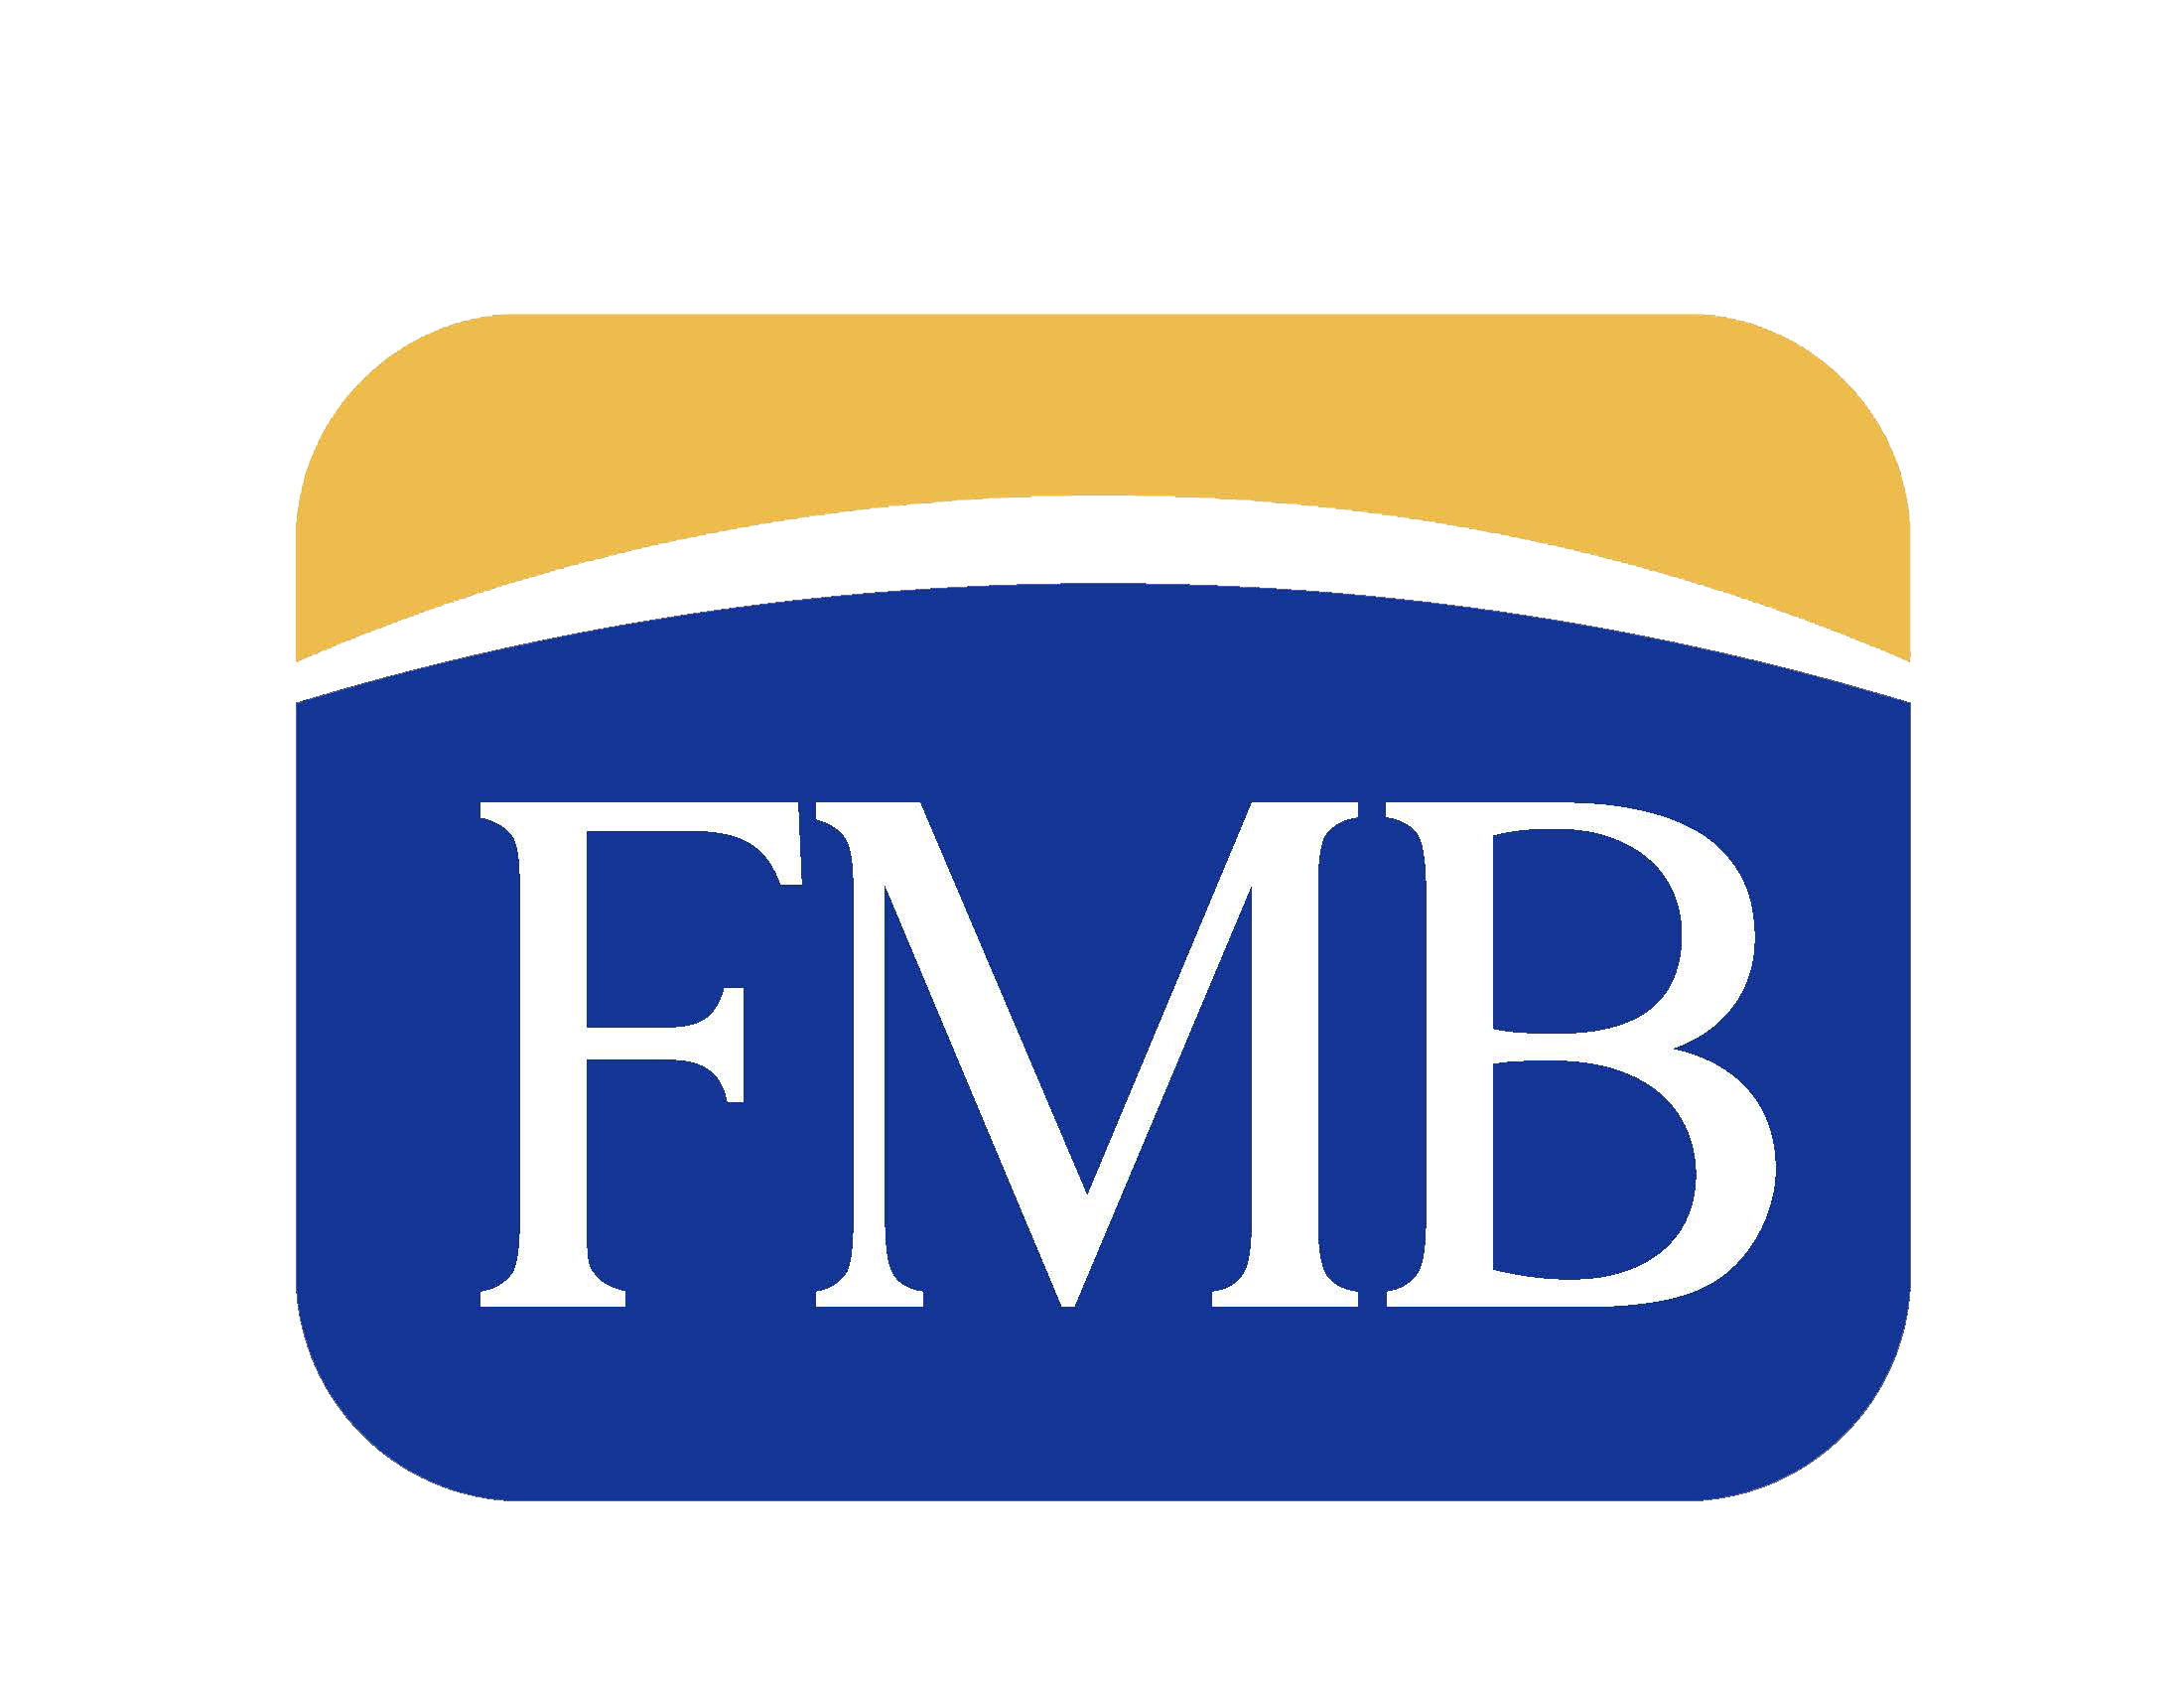 FMB_LOGO_color